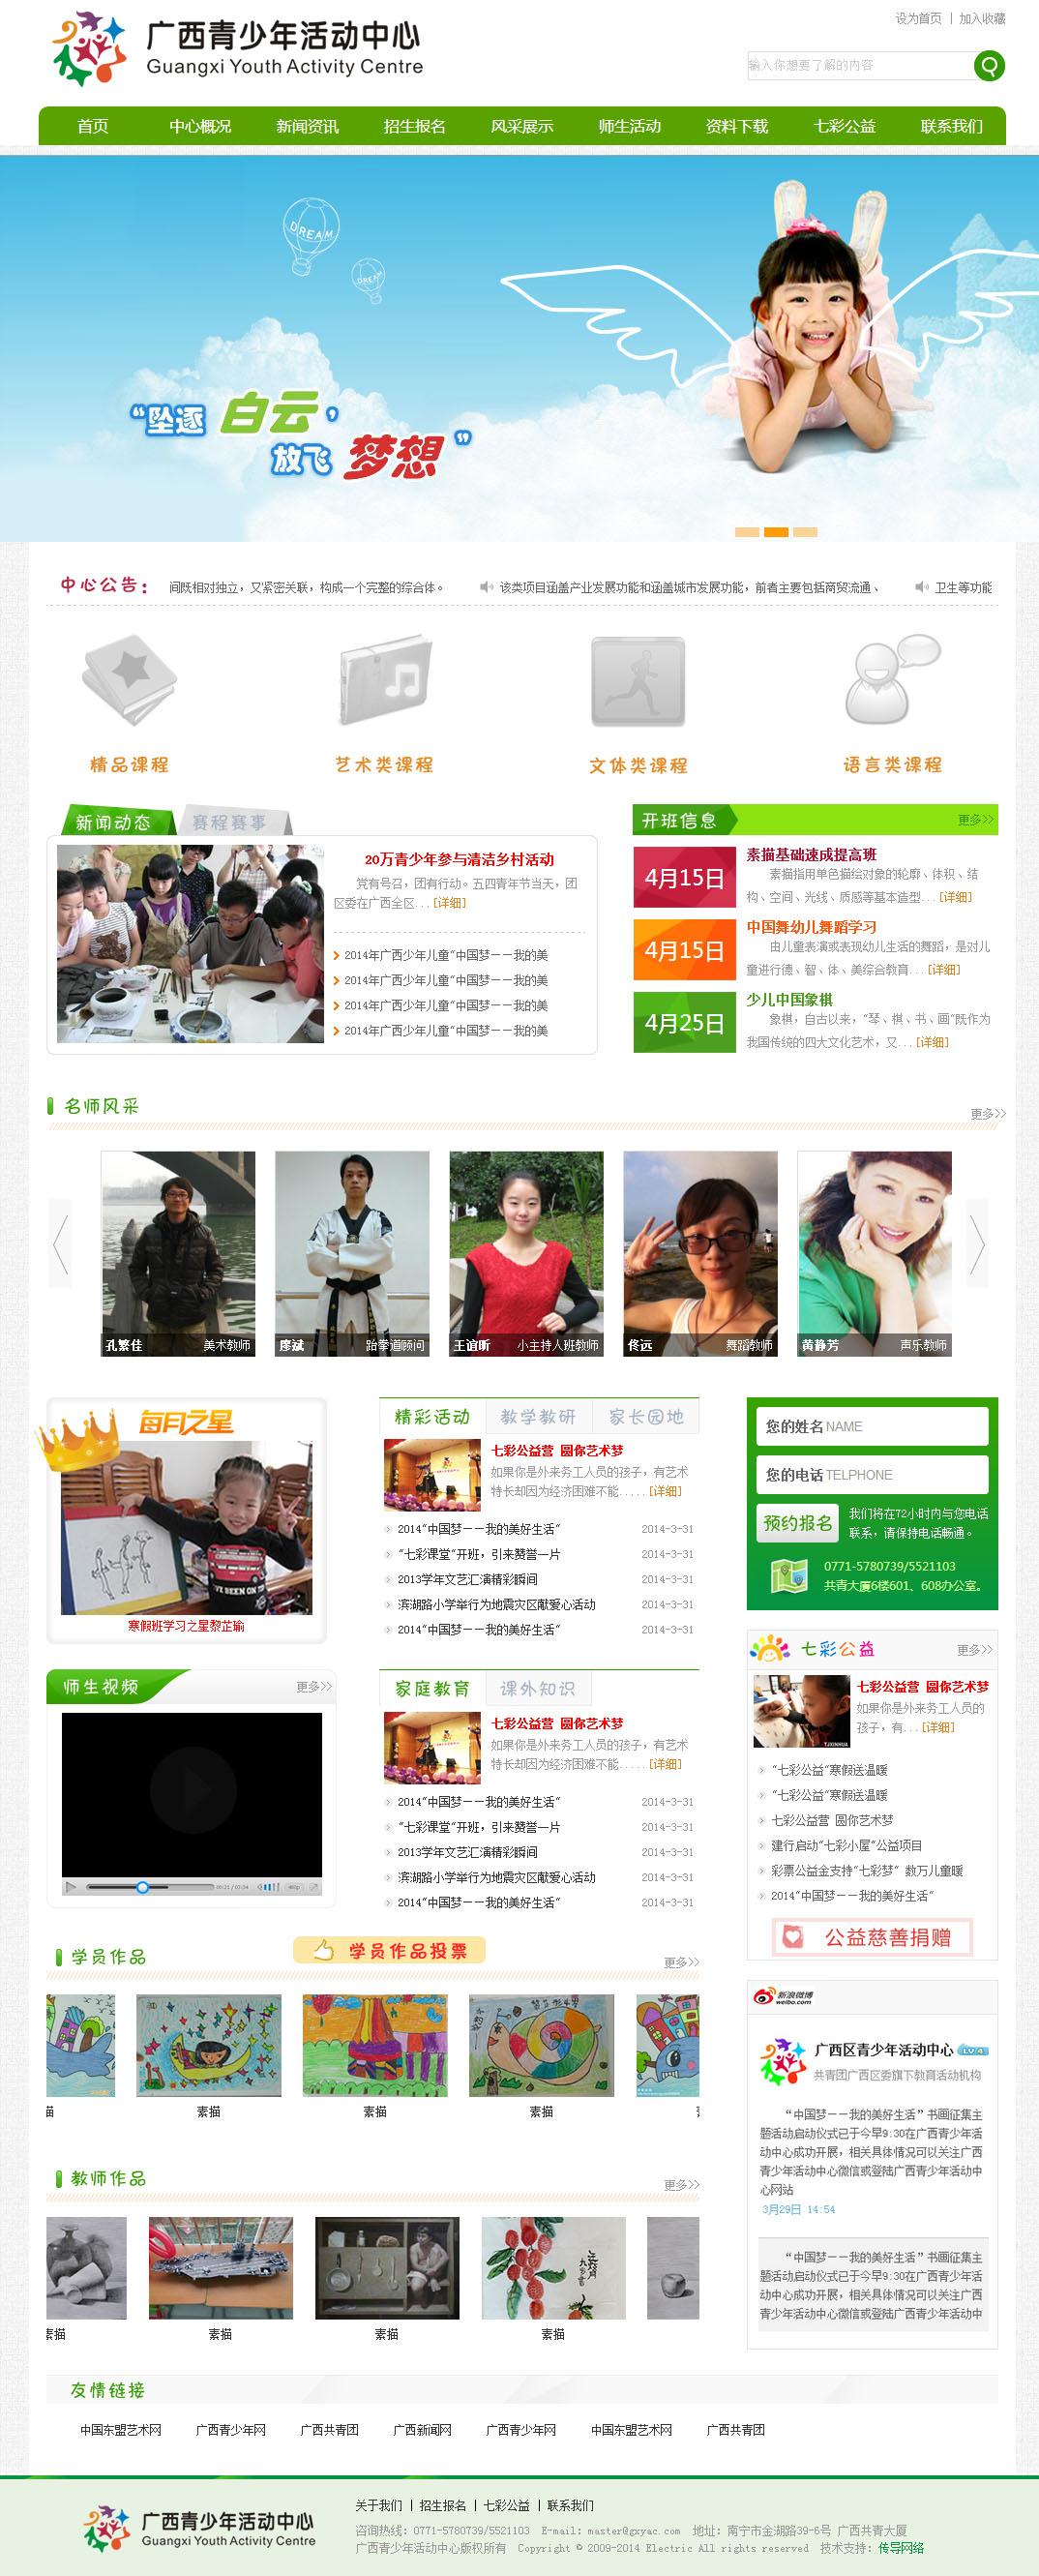 青少年活动中心-教育教育